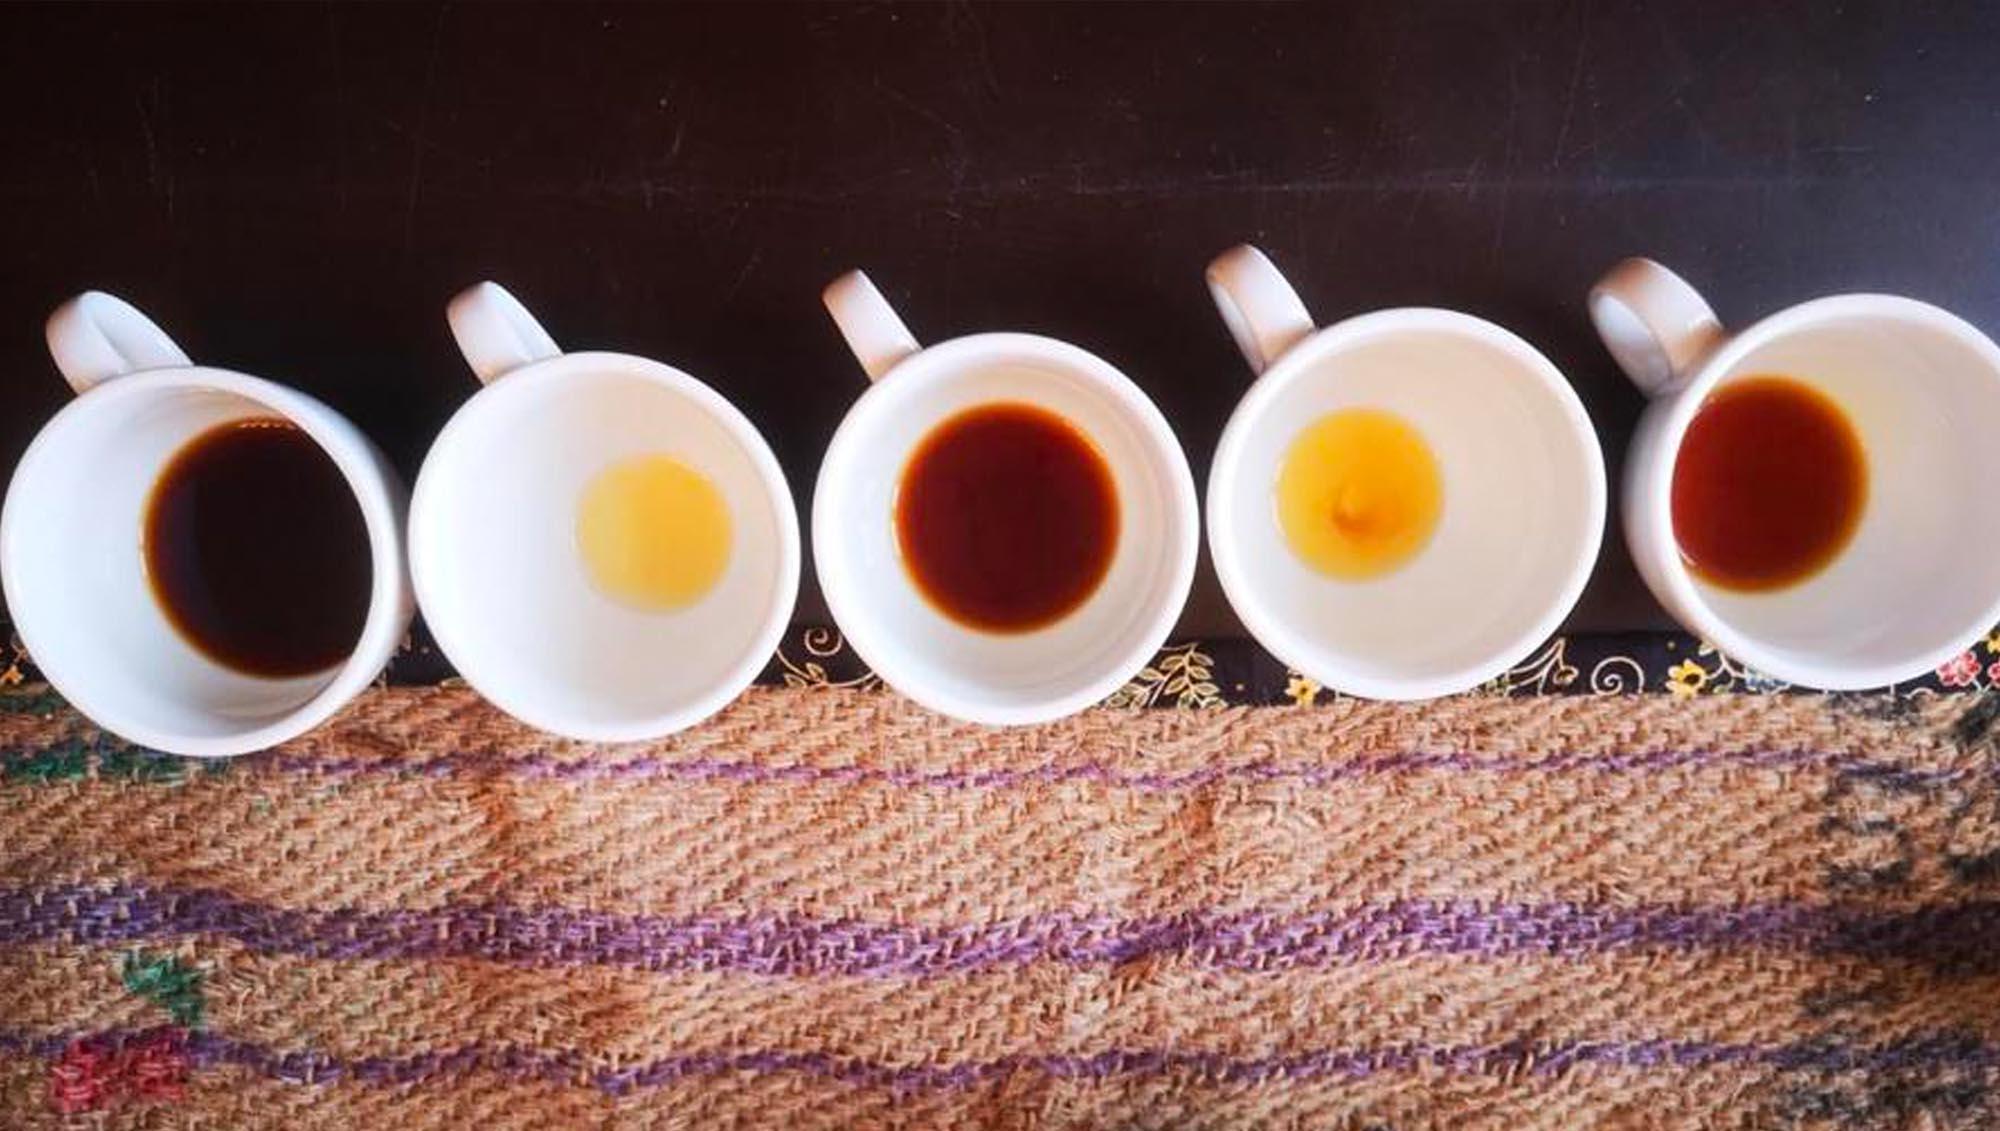 Kaffee-Kontor-Werder-Kaffeeverkostung-Baristakurs